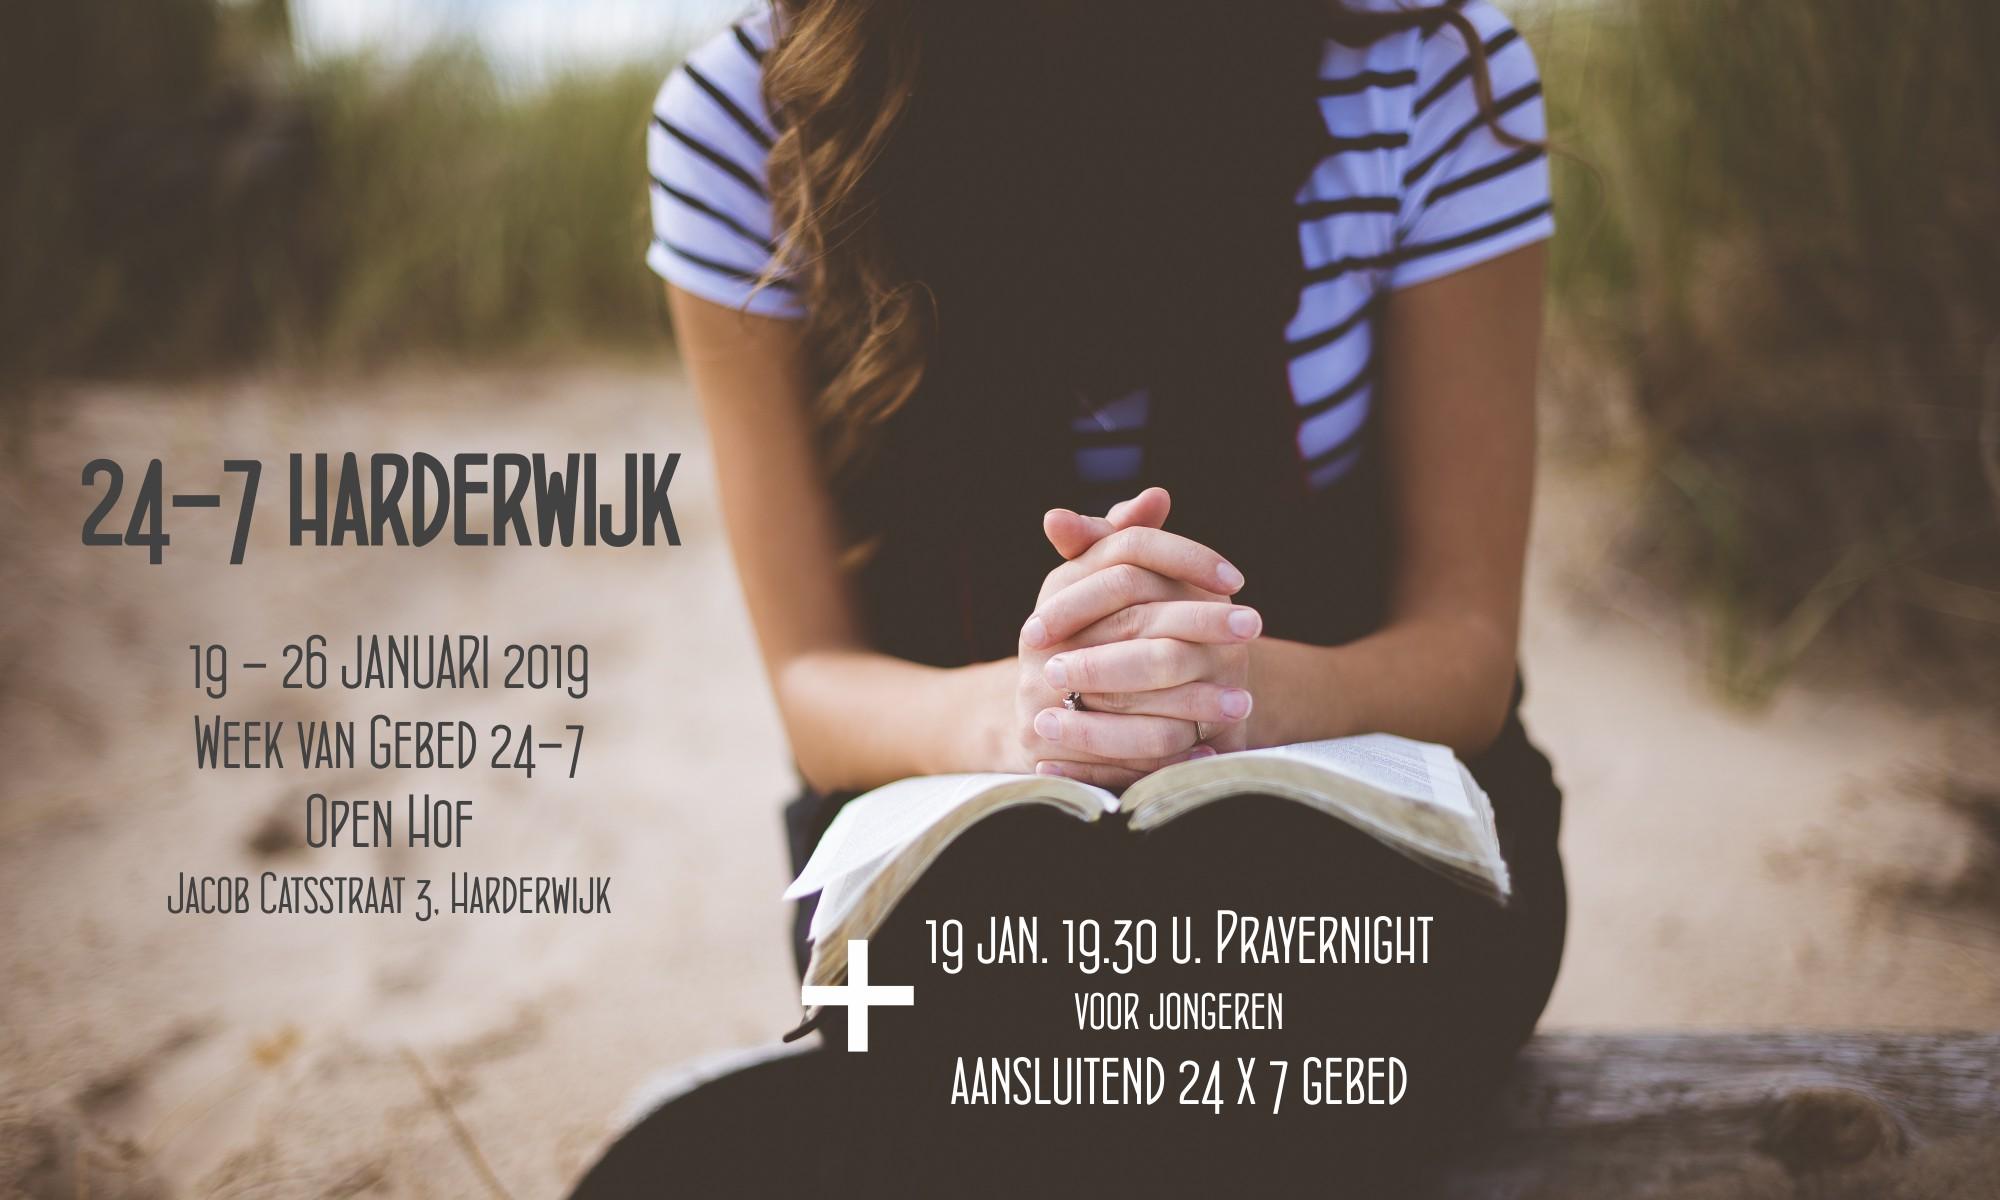 Week Van Gebed Harderwijk 24 7 Gebed Harderwijk